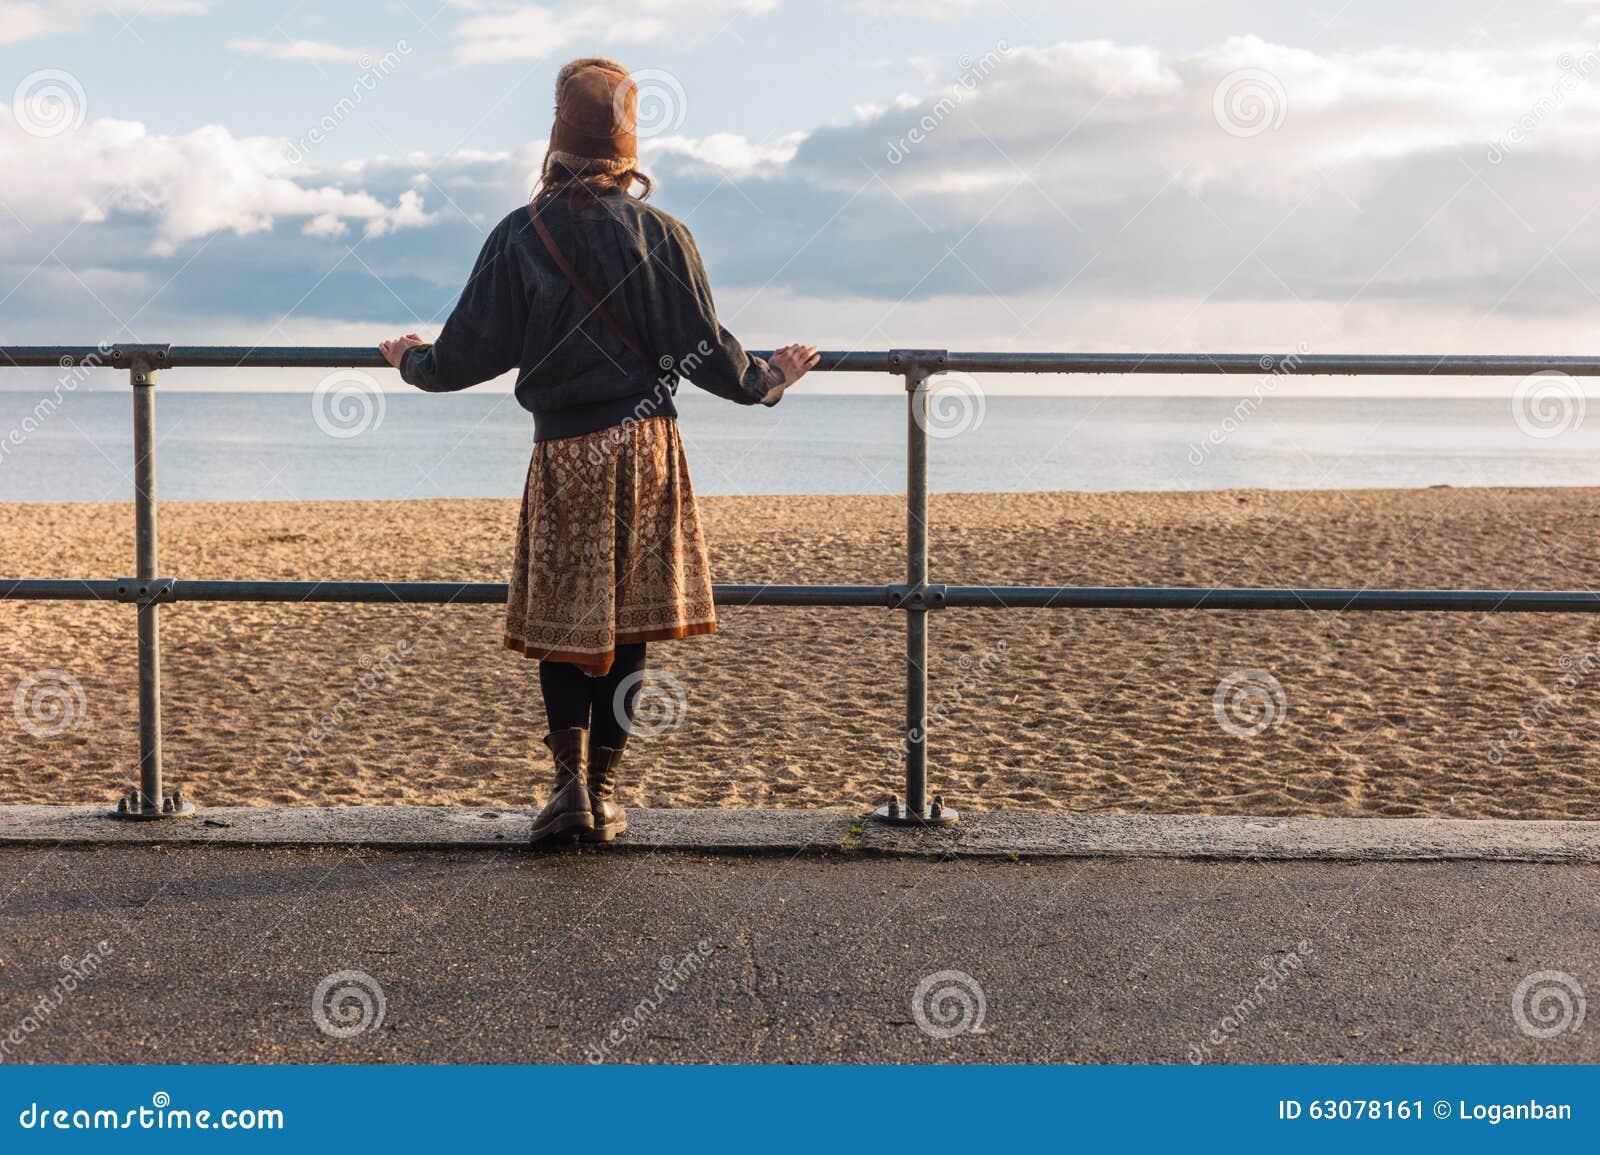 Download Balustrades Se Tenantes Prêt De Femme Sur La Plage Image stock - Image du plage, barrière: 63078161